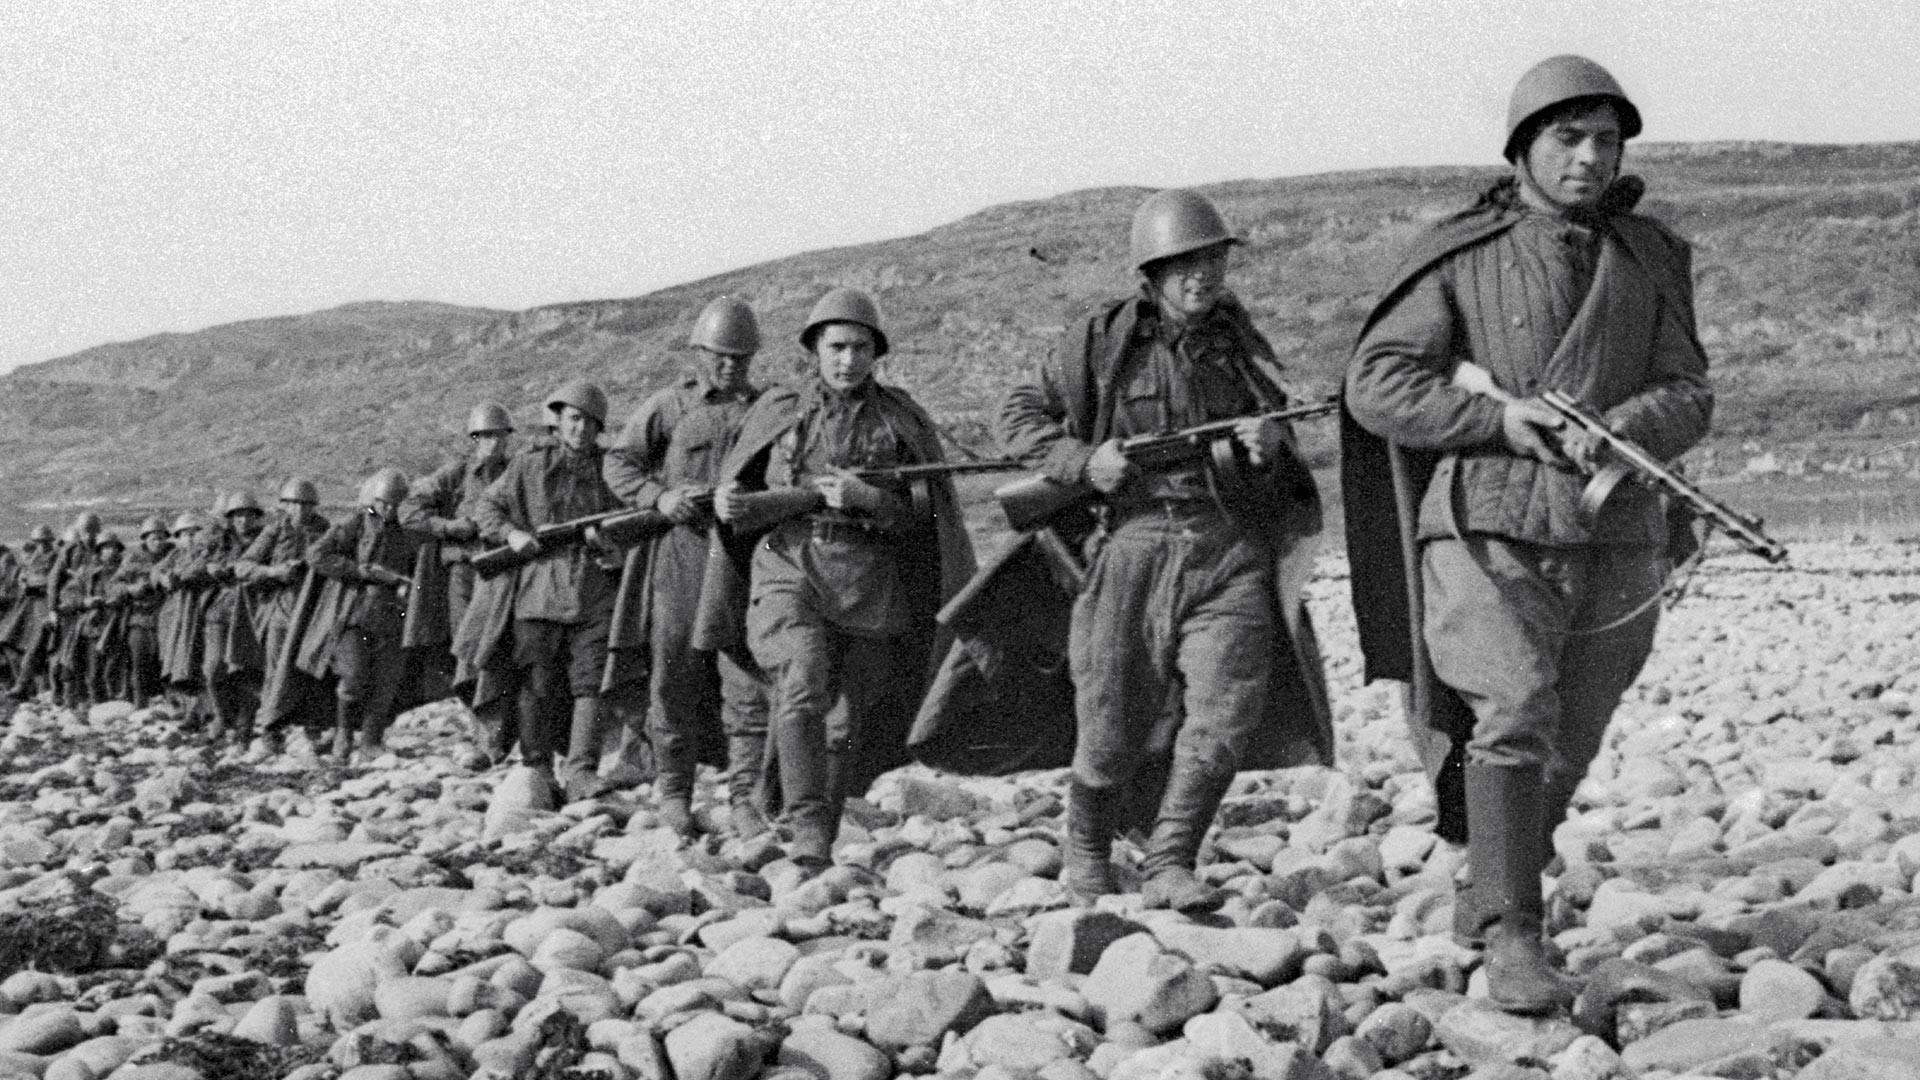 Des mitrailleurs soviétiques en route vers la ligne de tir